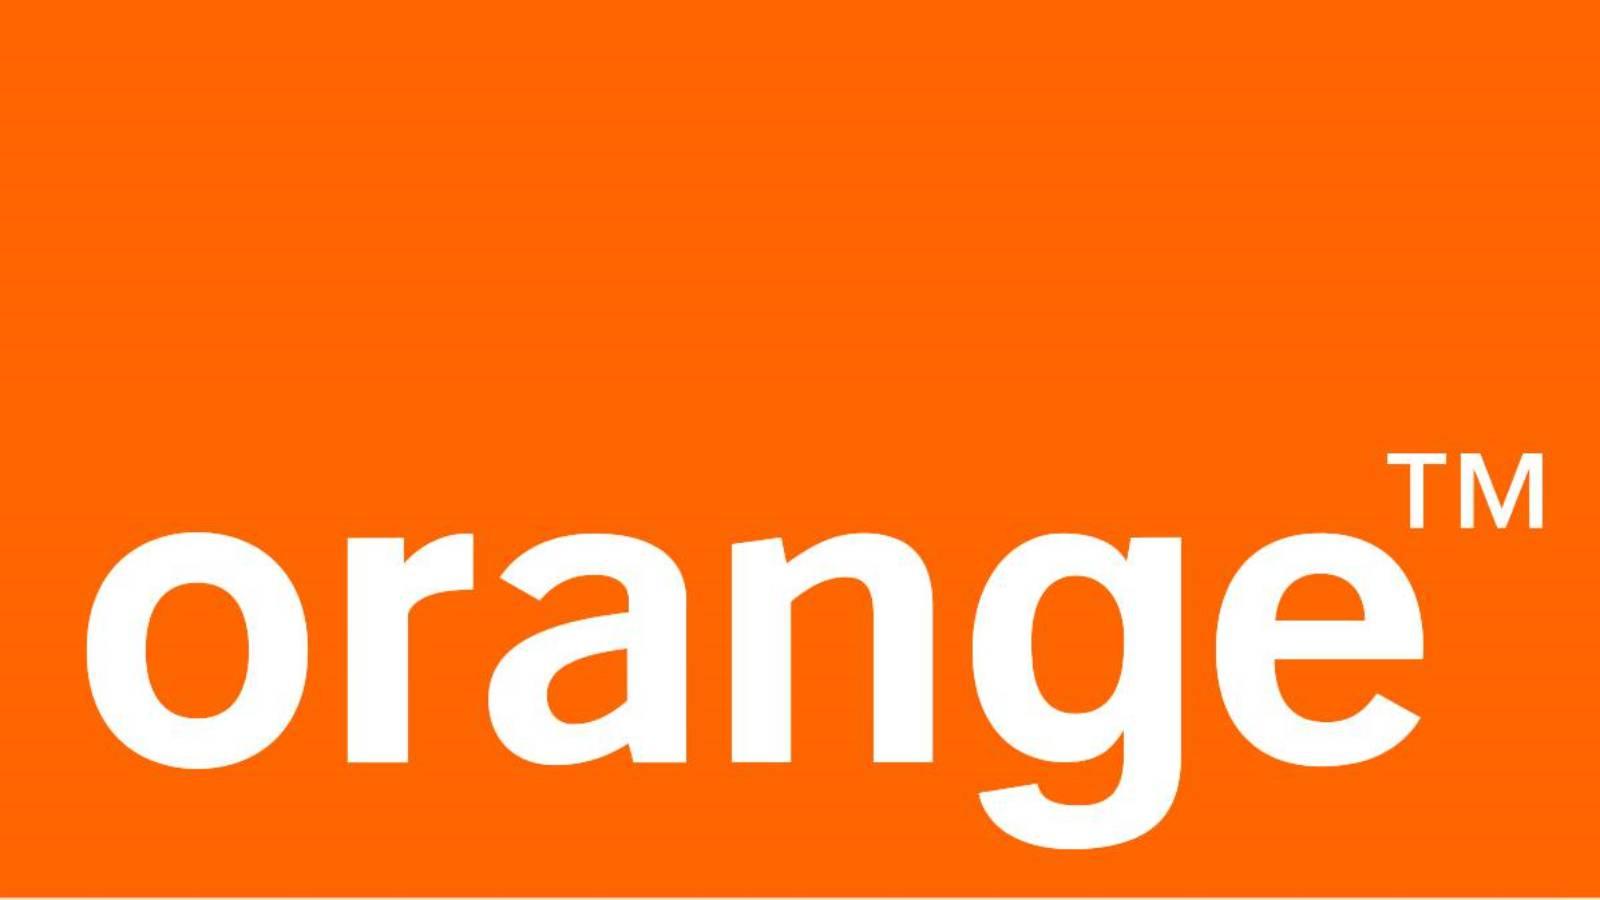 Orange aspirator